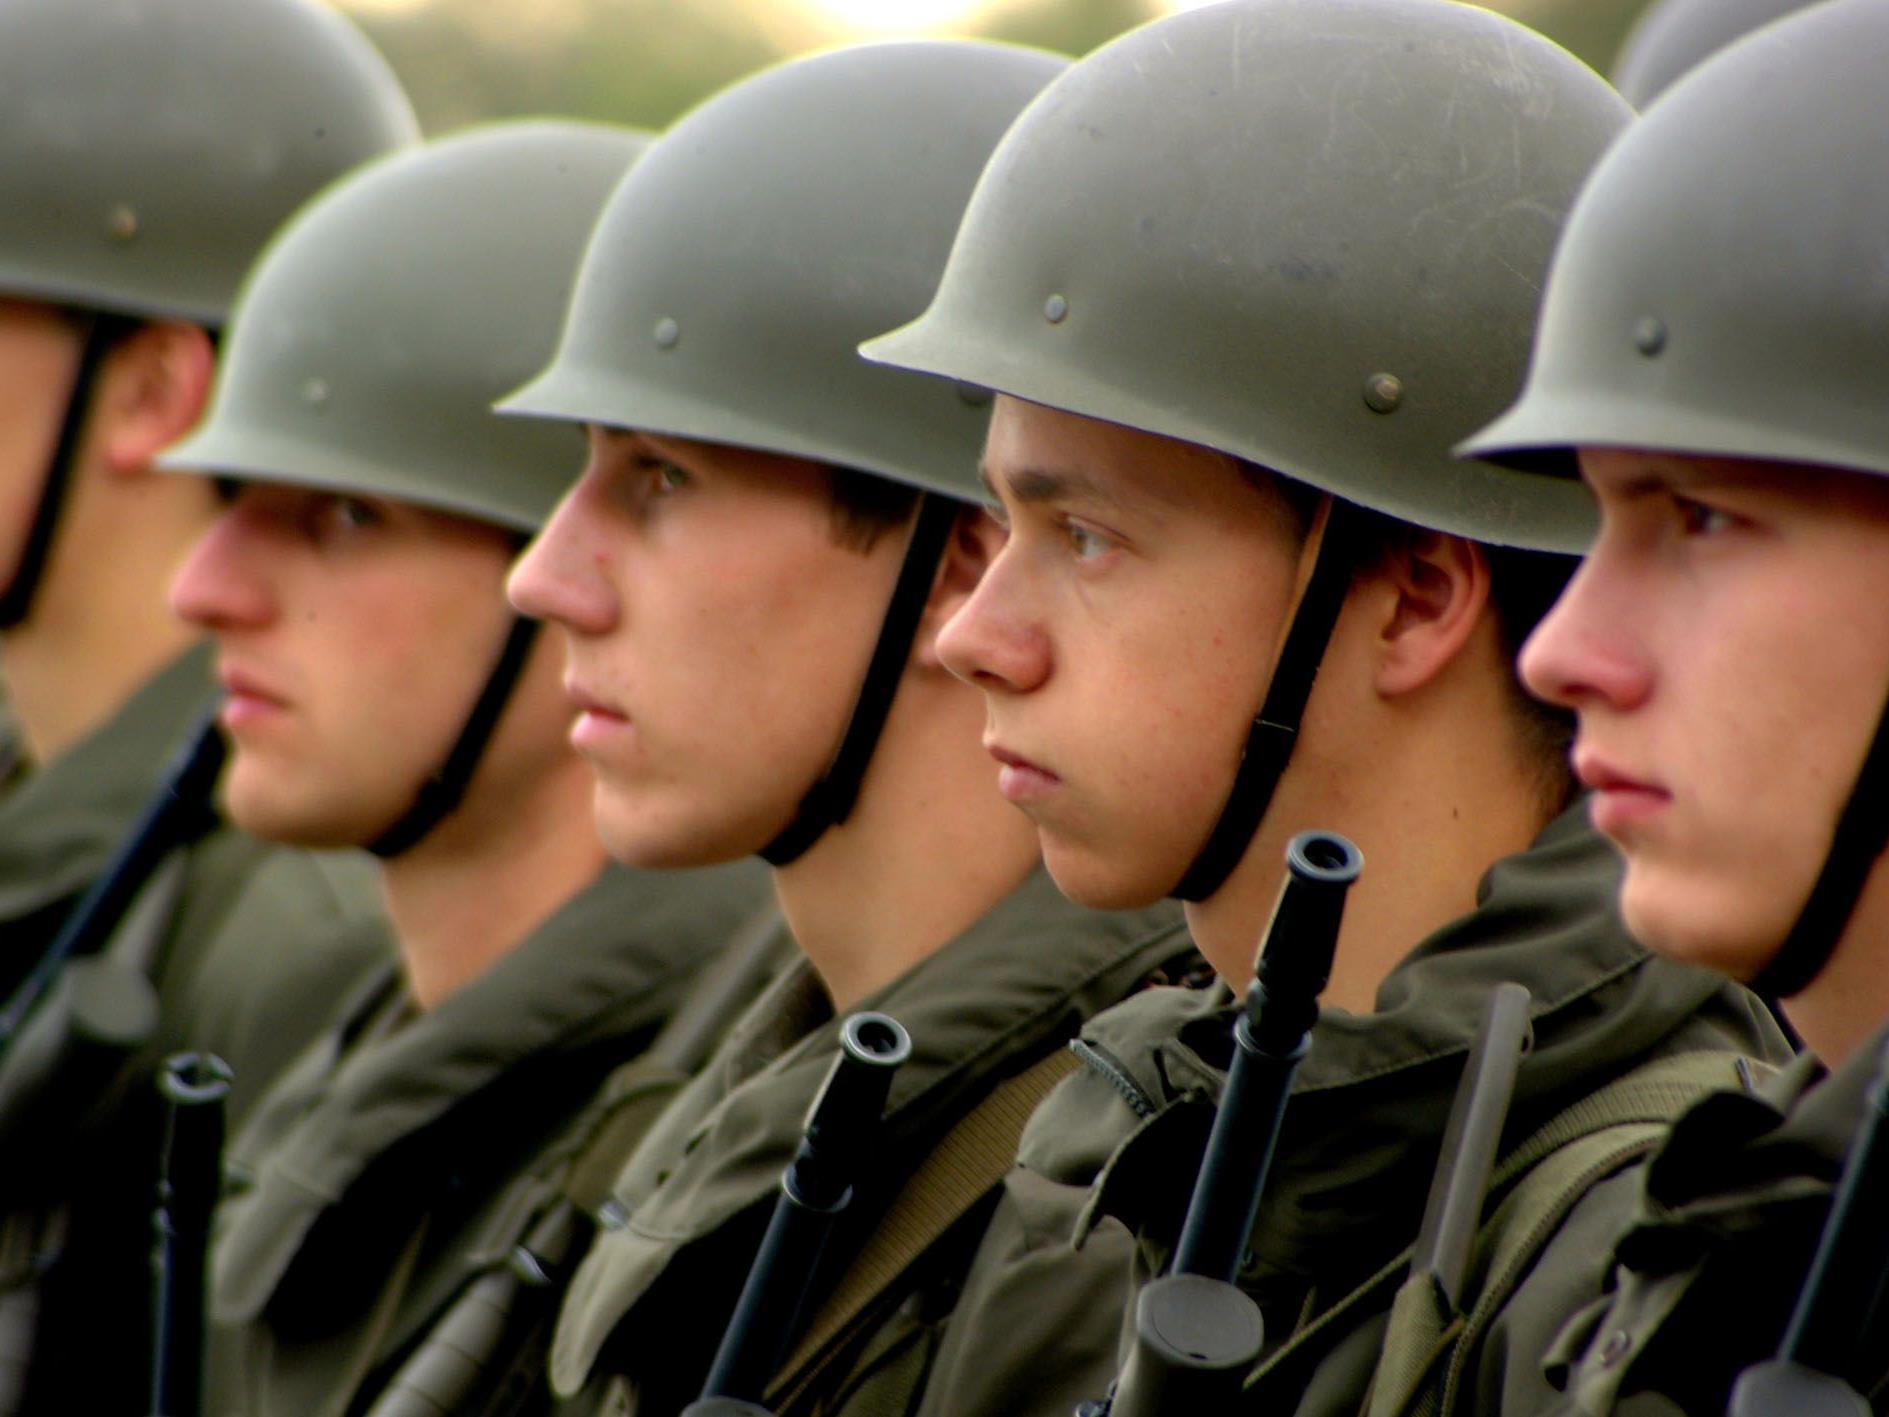 Aufgestellt in Reih' und Glied sind die Rekruten nur noch in der Kaserne, nicht aber mehr an der Grenze.